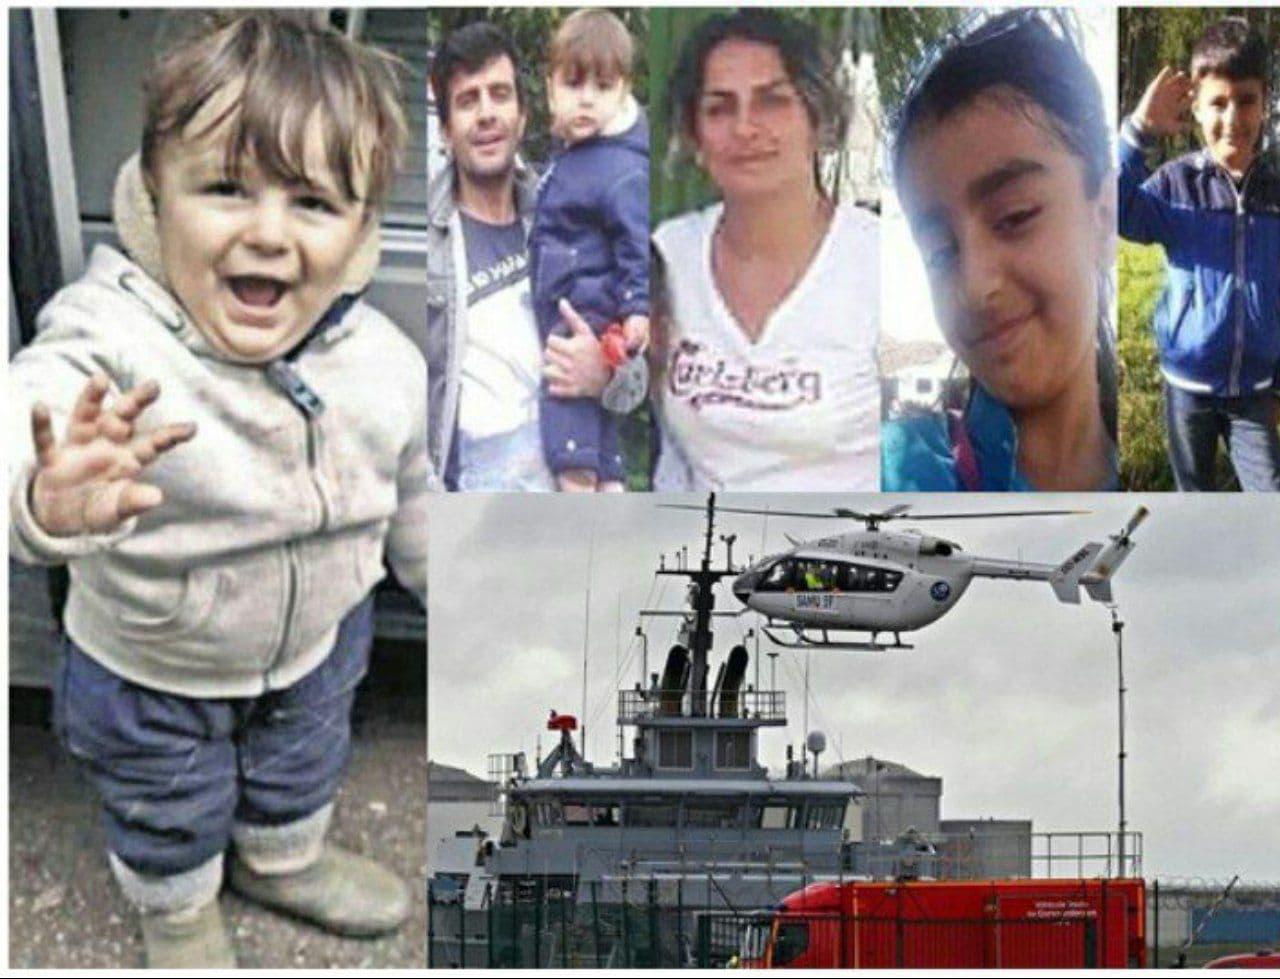 درباره خانواده پناهجوی ایران نژاد که در کانال مانش غرق شدند/ بازگشت اجساد به ایران ۳۰۰ میلیون هزینه دارد